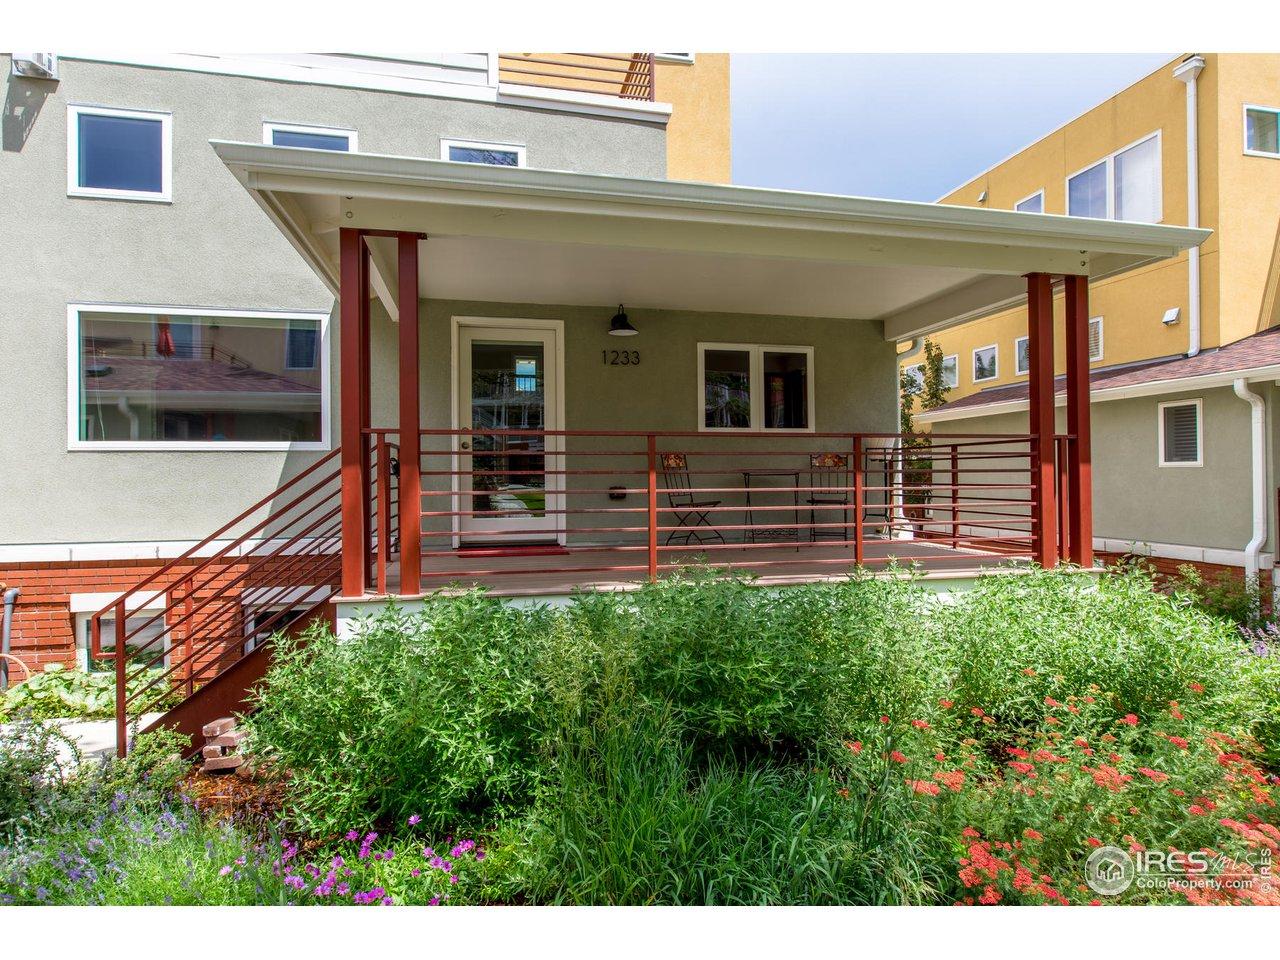 1233 Cedar Ave, Boulder CO 80304